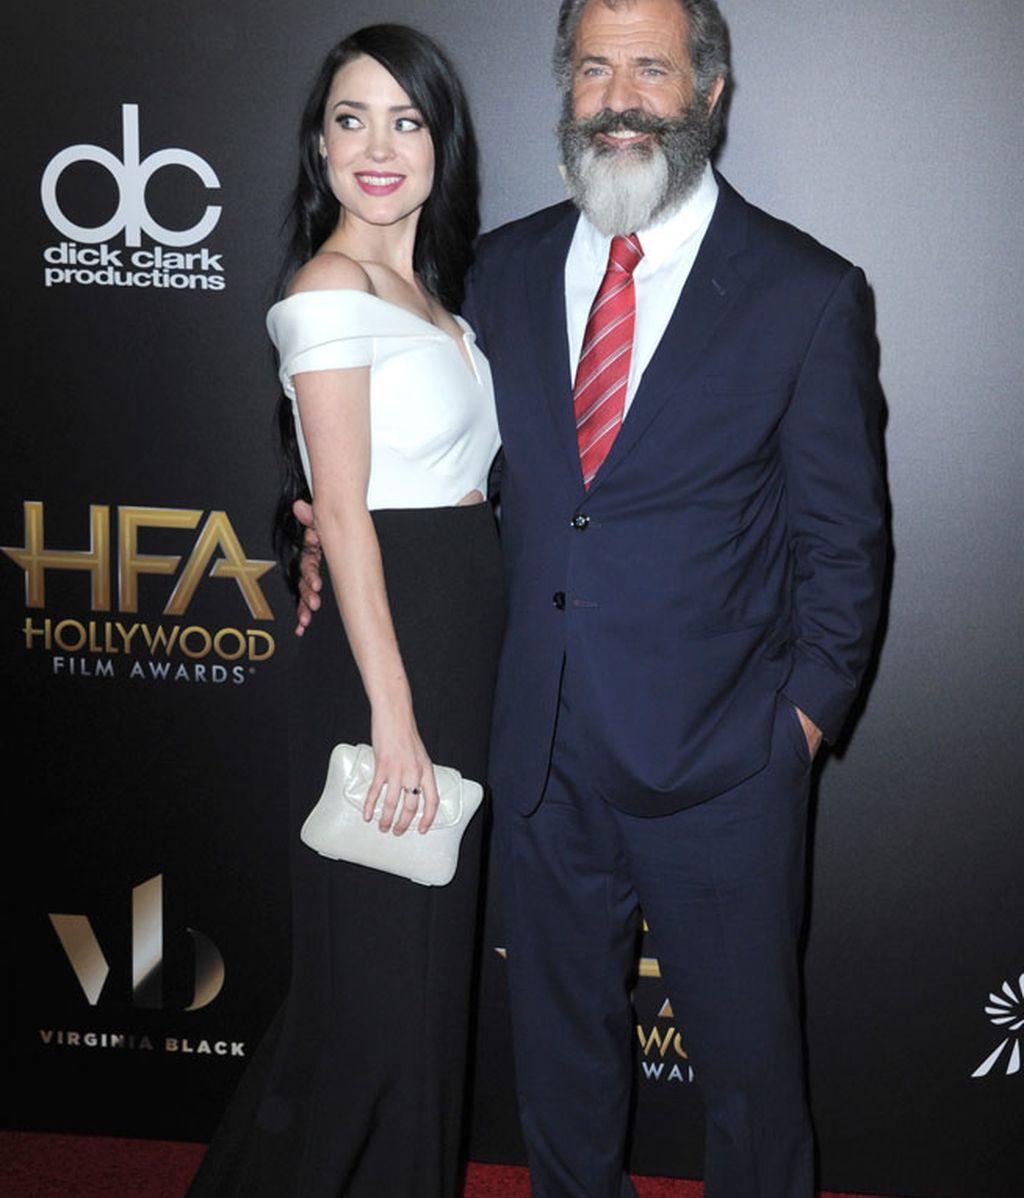 Mel Gibson asistió con su novia Rosalind Ross que apostó por el blanco y negro